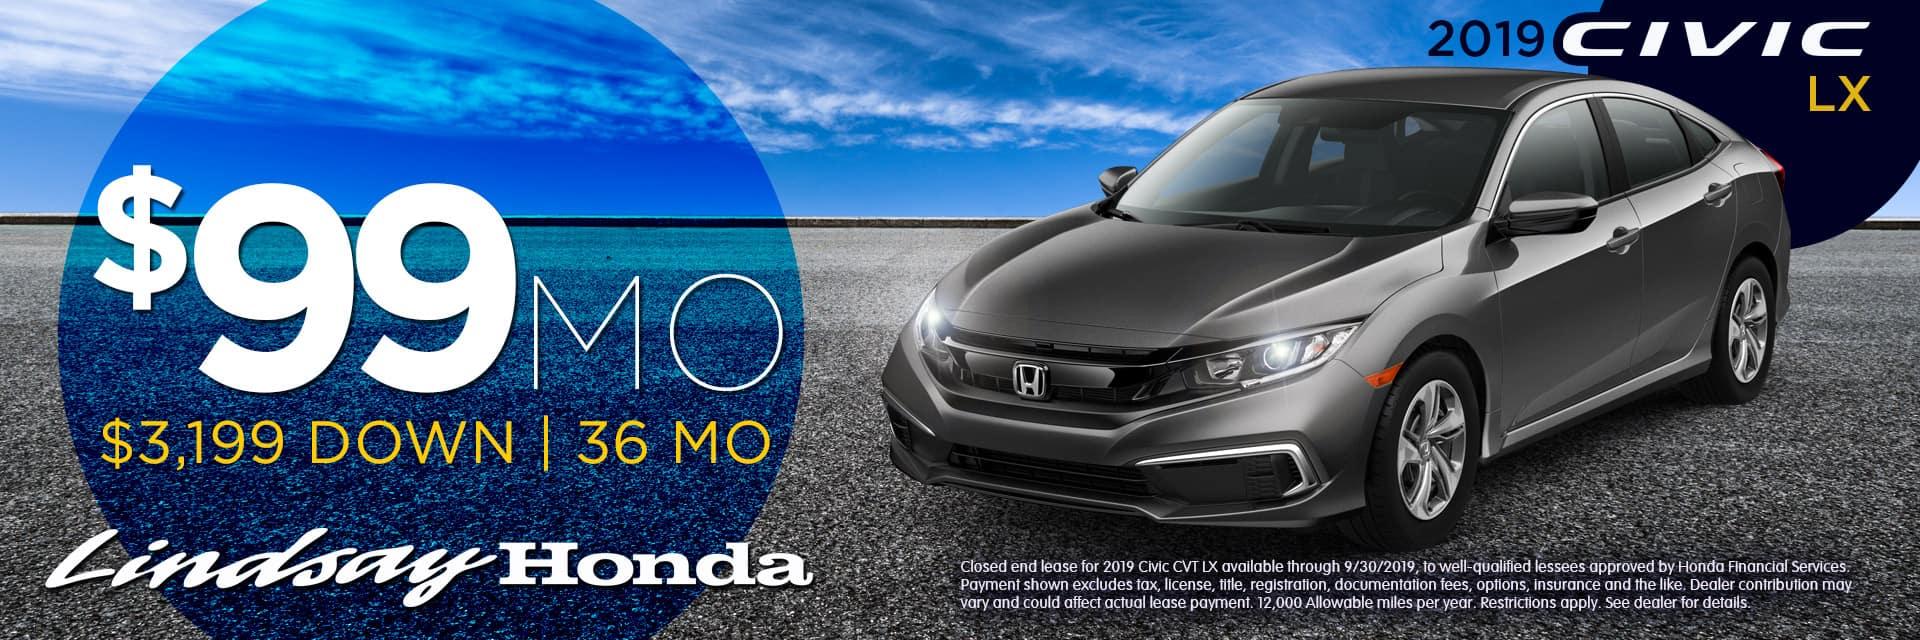 Lindsay Honda | Honda Dealer in Columbus, OH